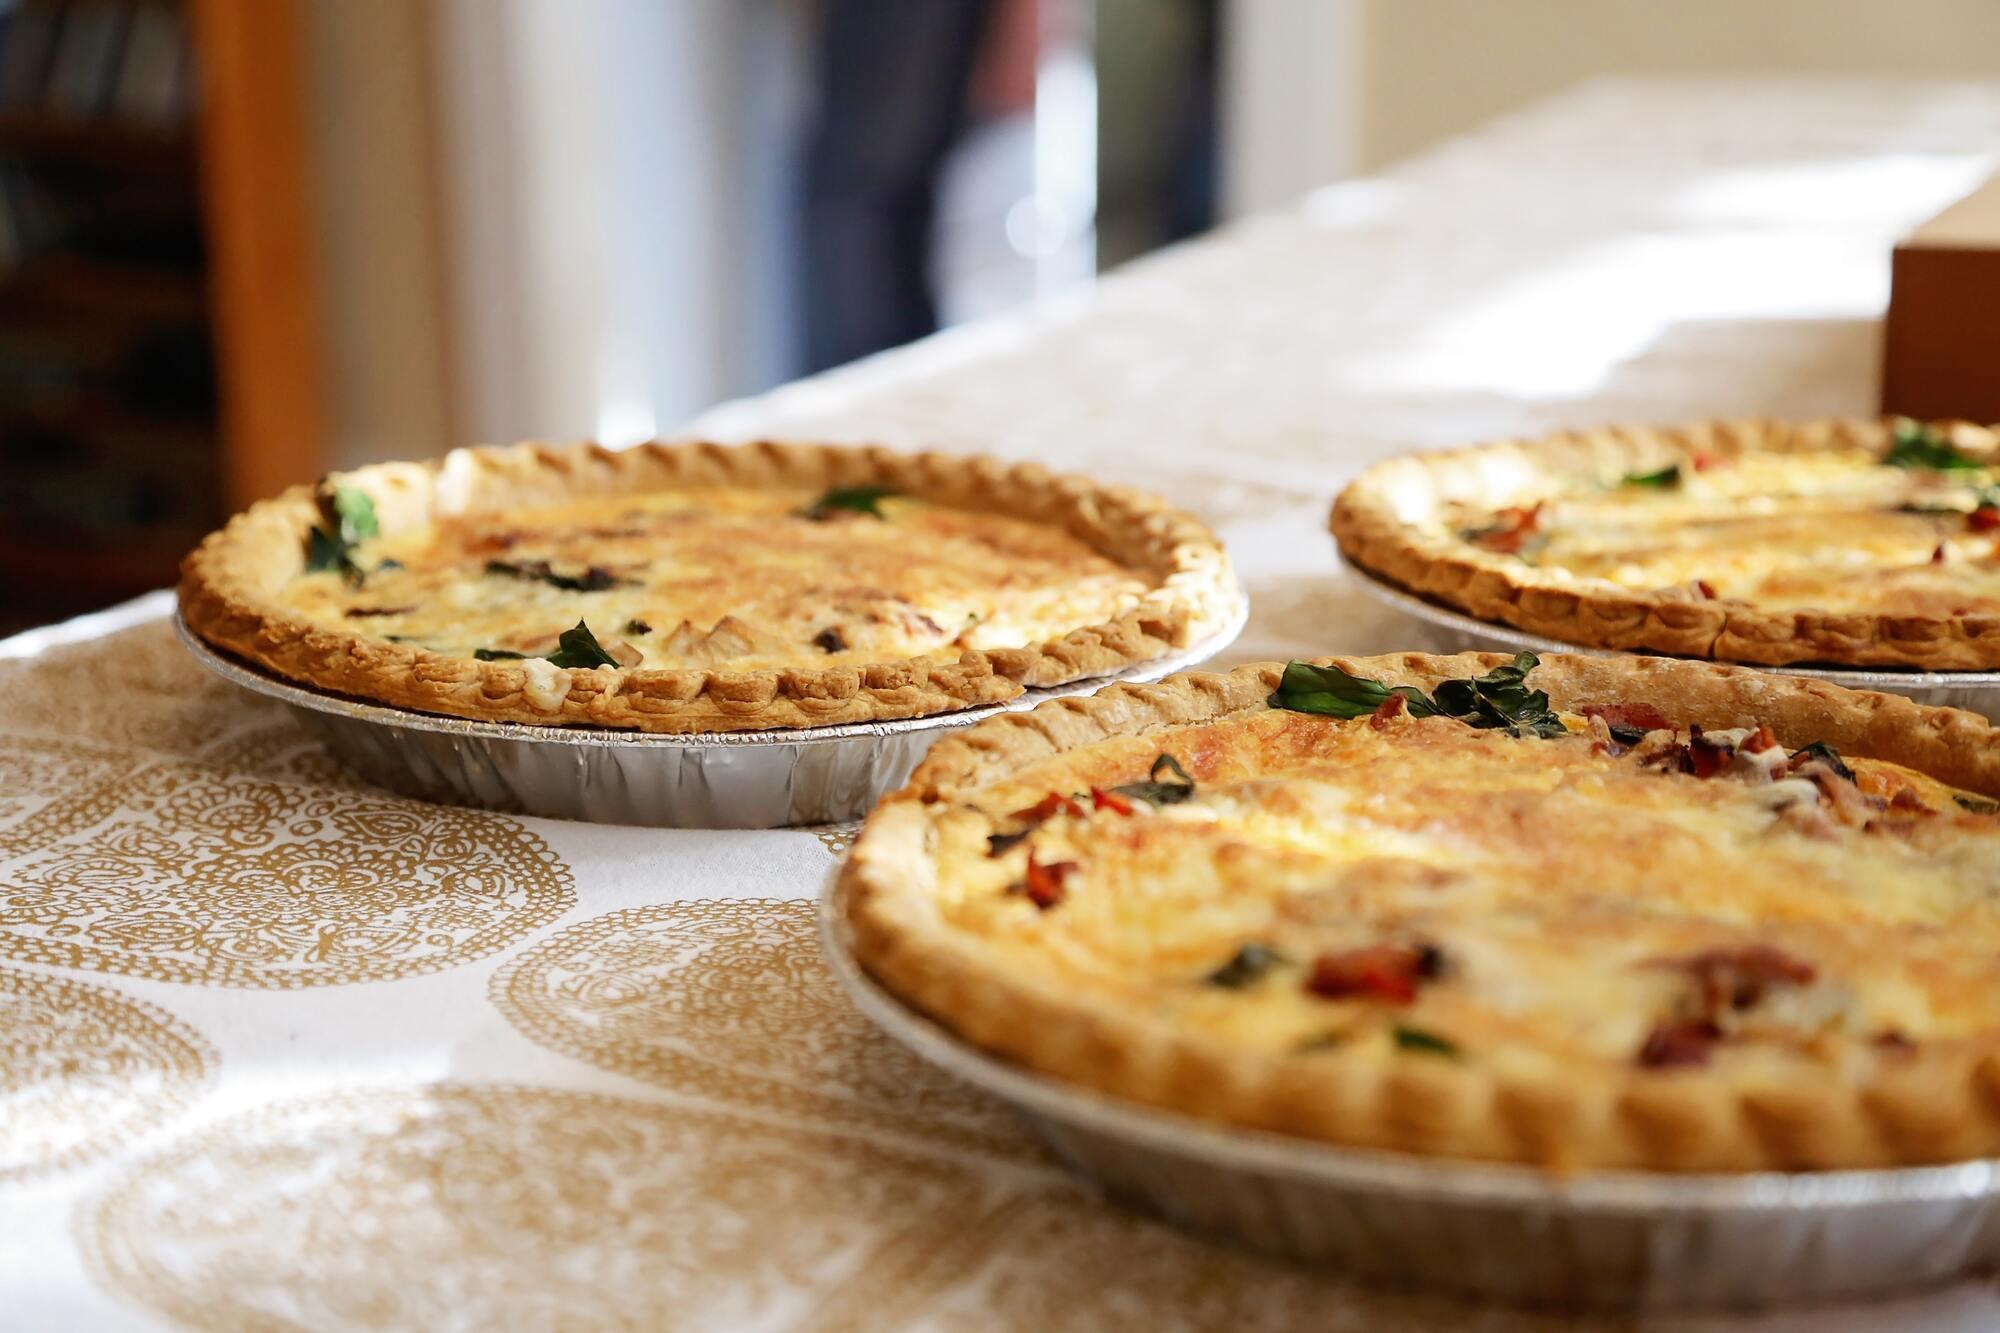 23 января – Национальный день пирога в Соединенных штатах Америки.